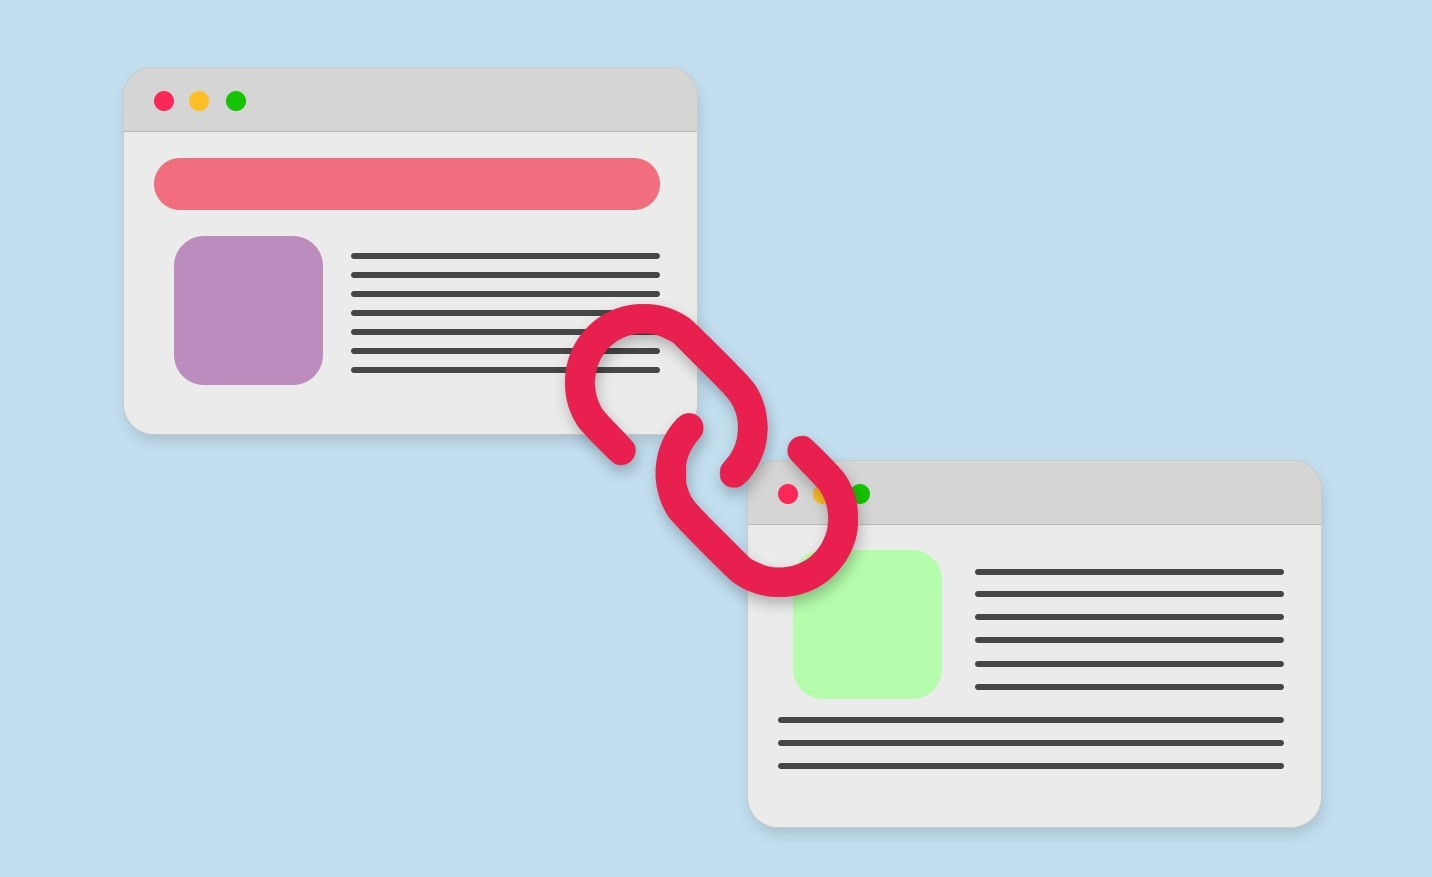 directorios en línea